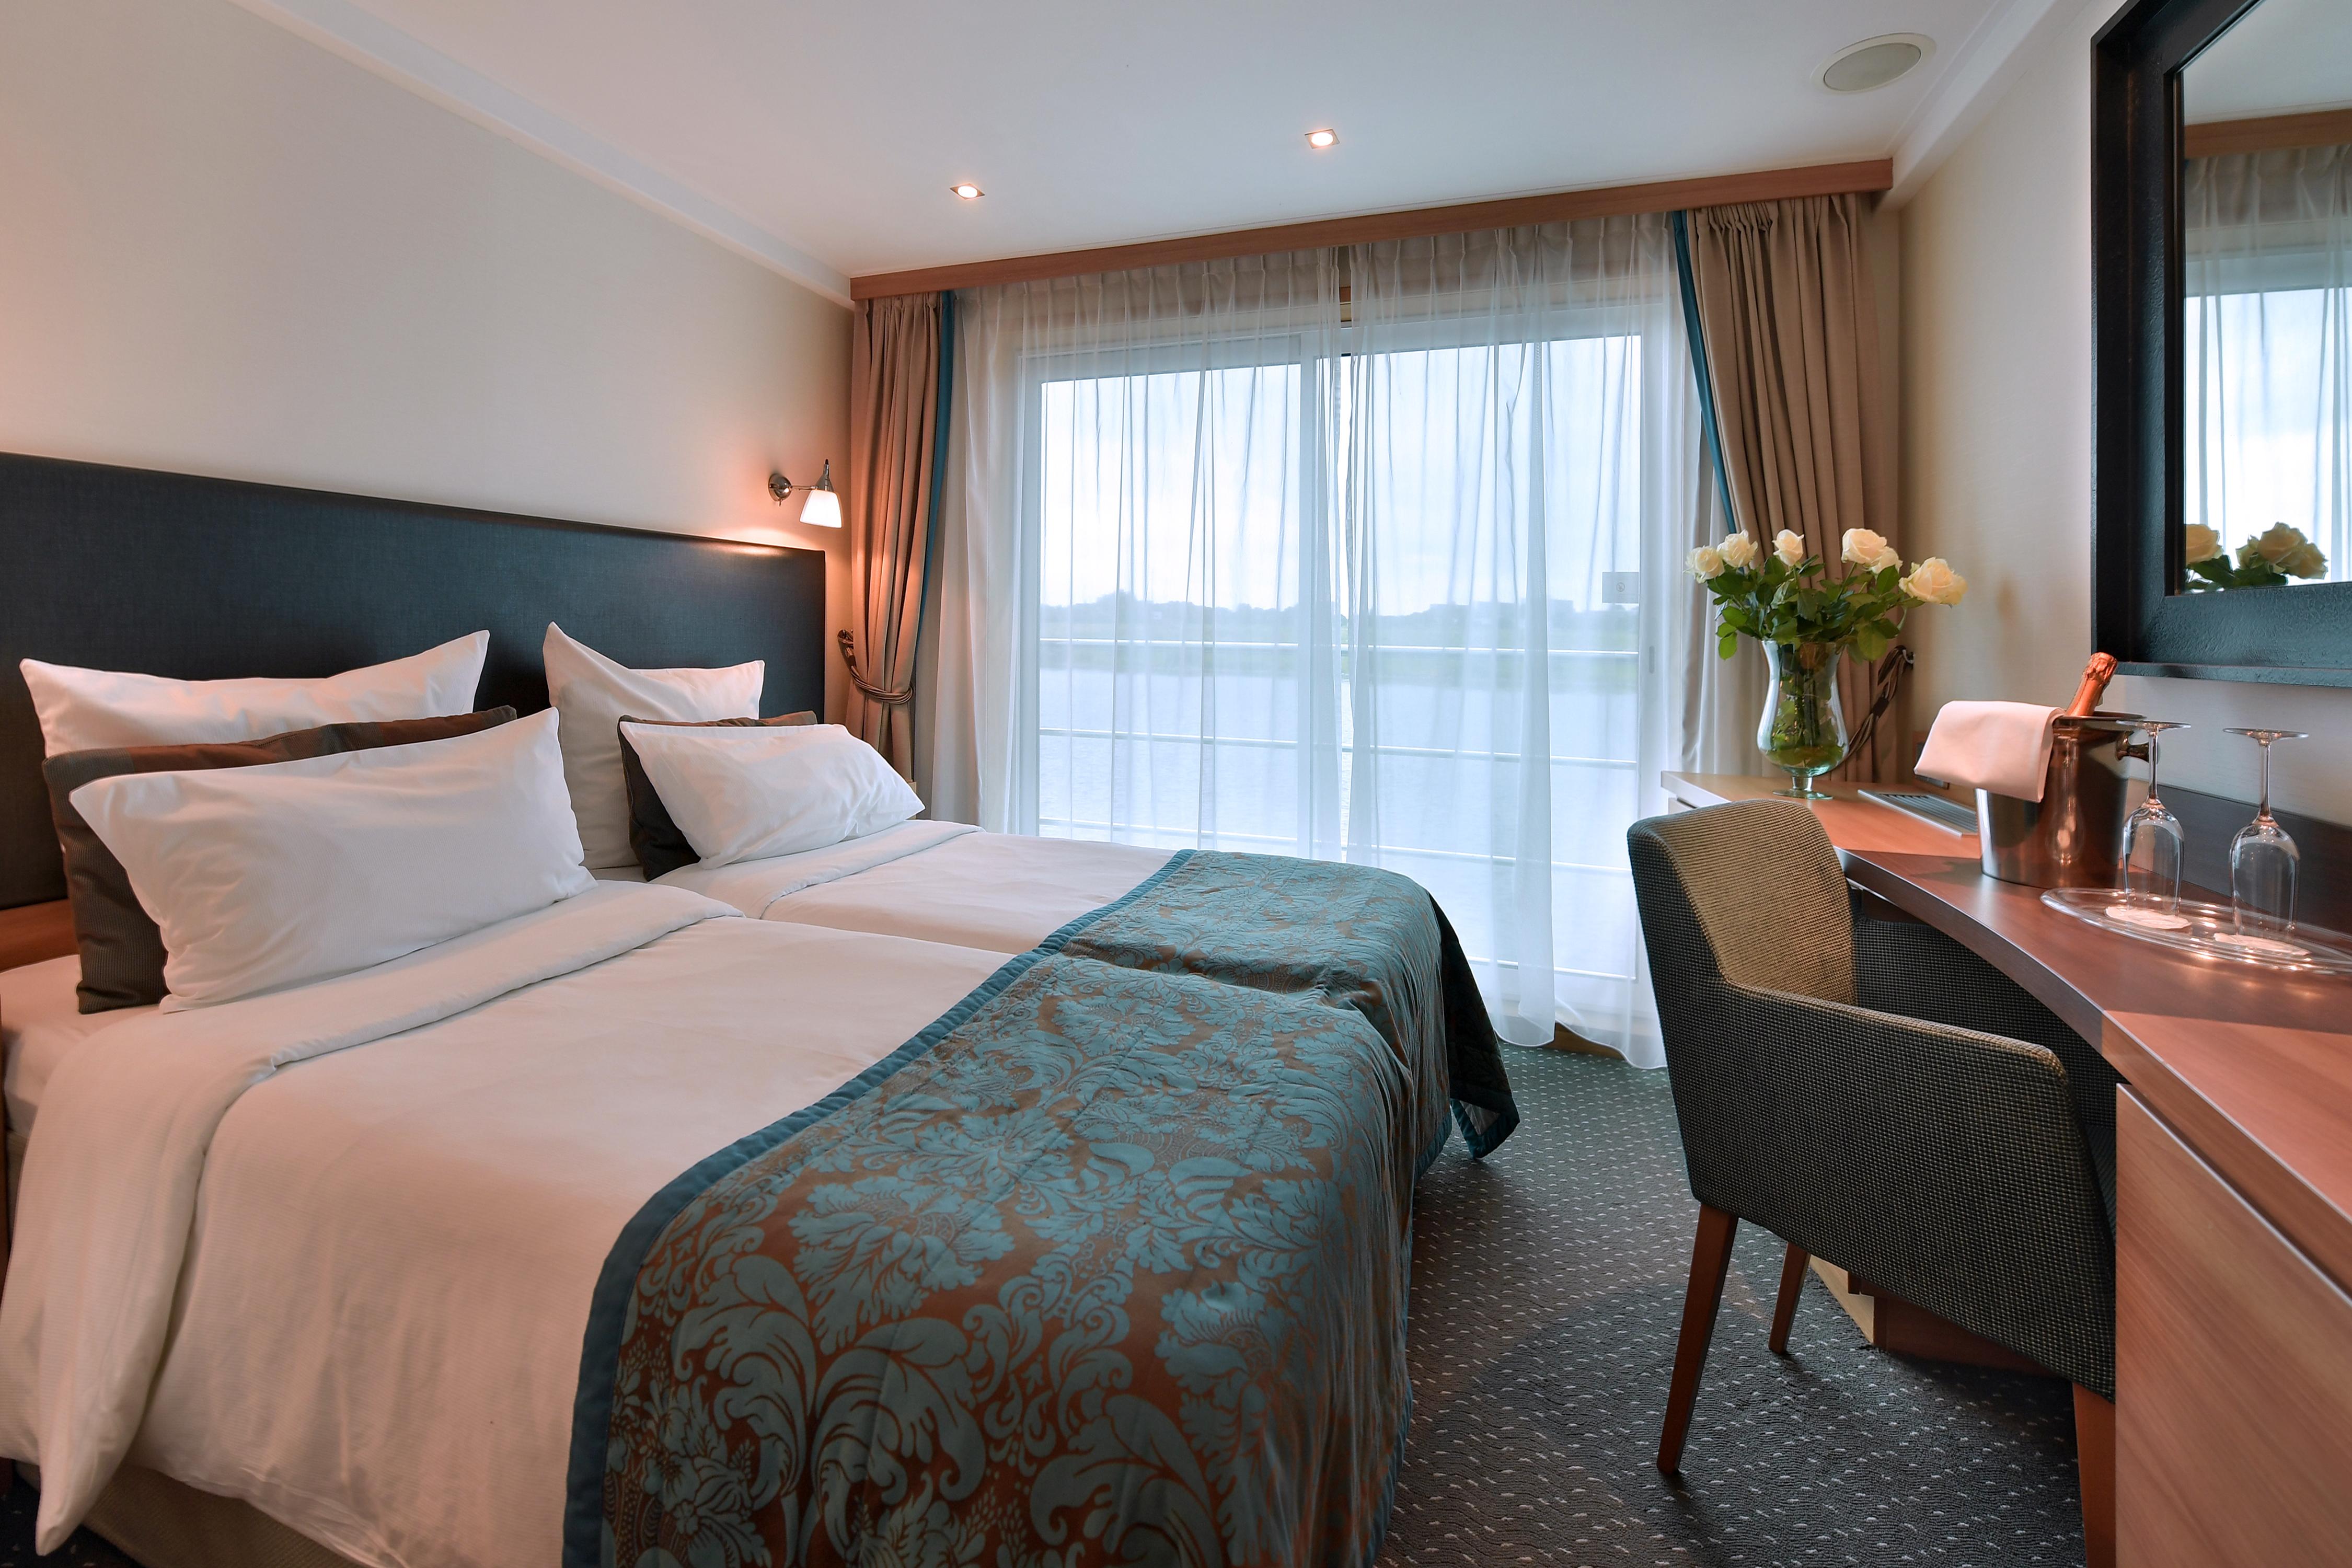 Dusseldorf Mese Hotel Prowein